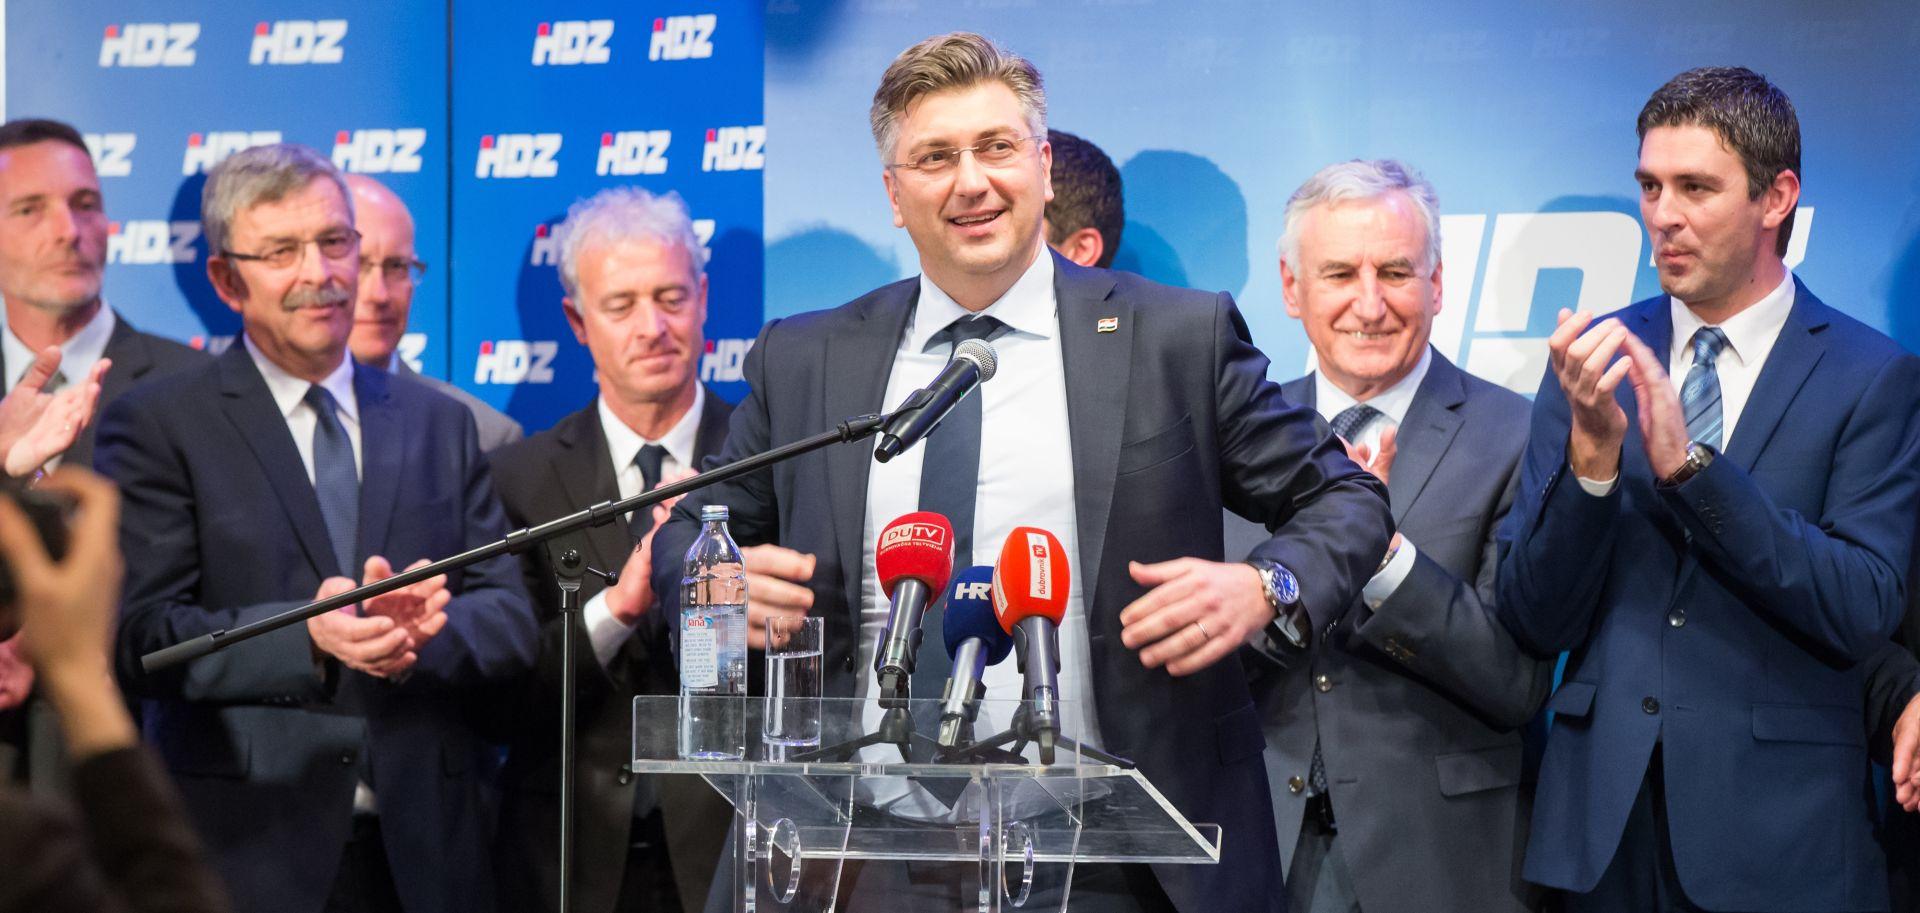 PLENKOVIĆ 'Tri temeljna pitanja u kampanji bit će prometna povezanost, poljoprivreda i turizam'